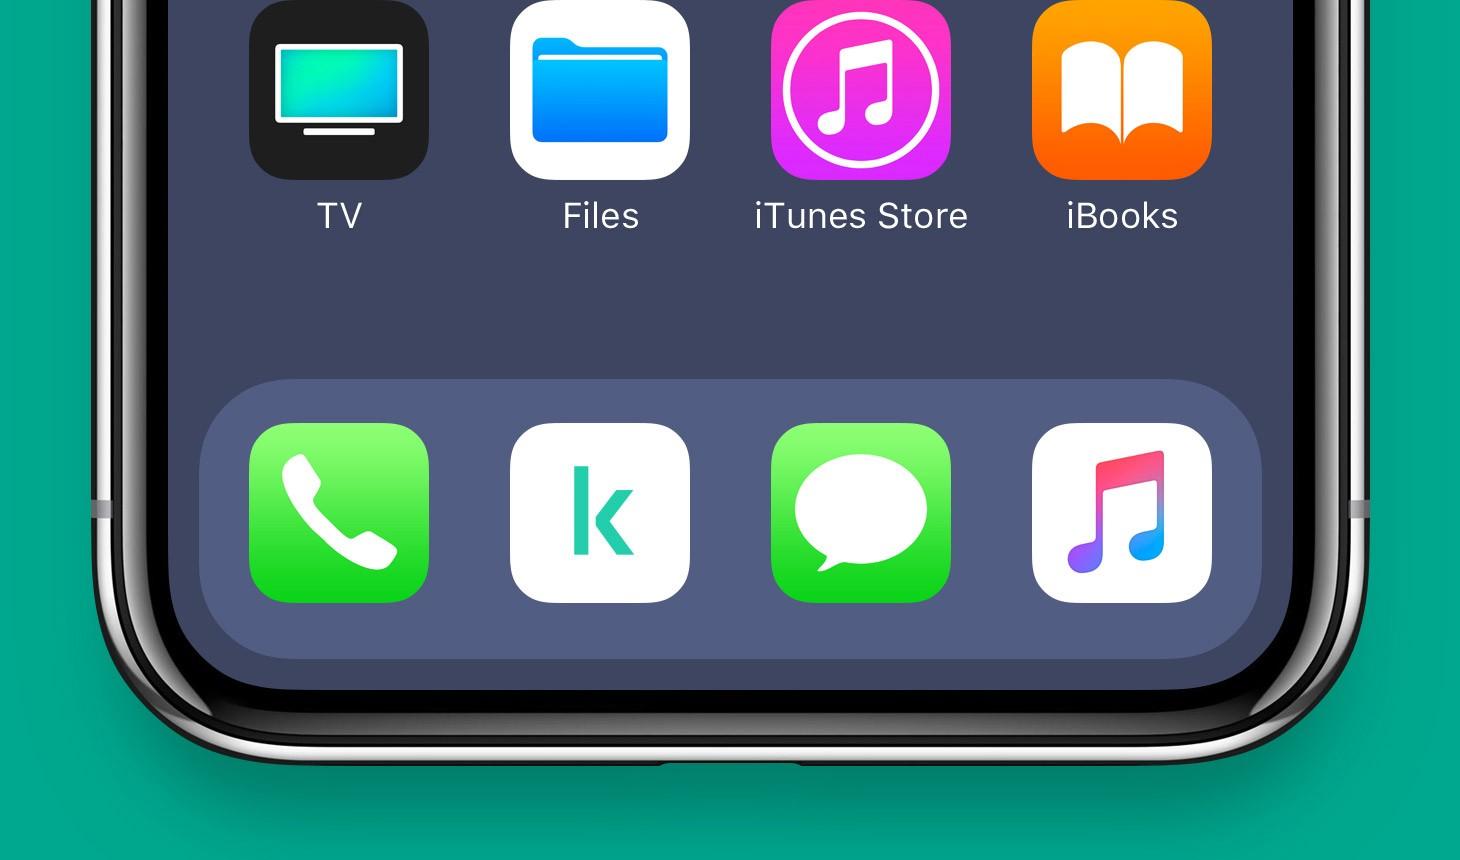 Het nieuwe icoon voor Kaspersky-apps